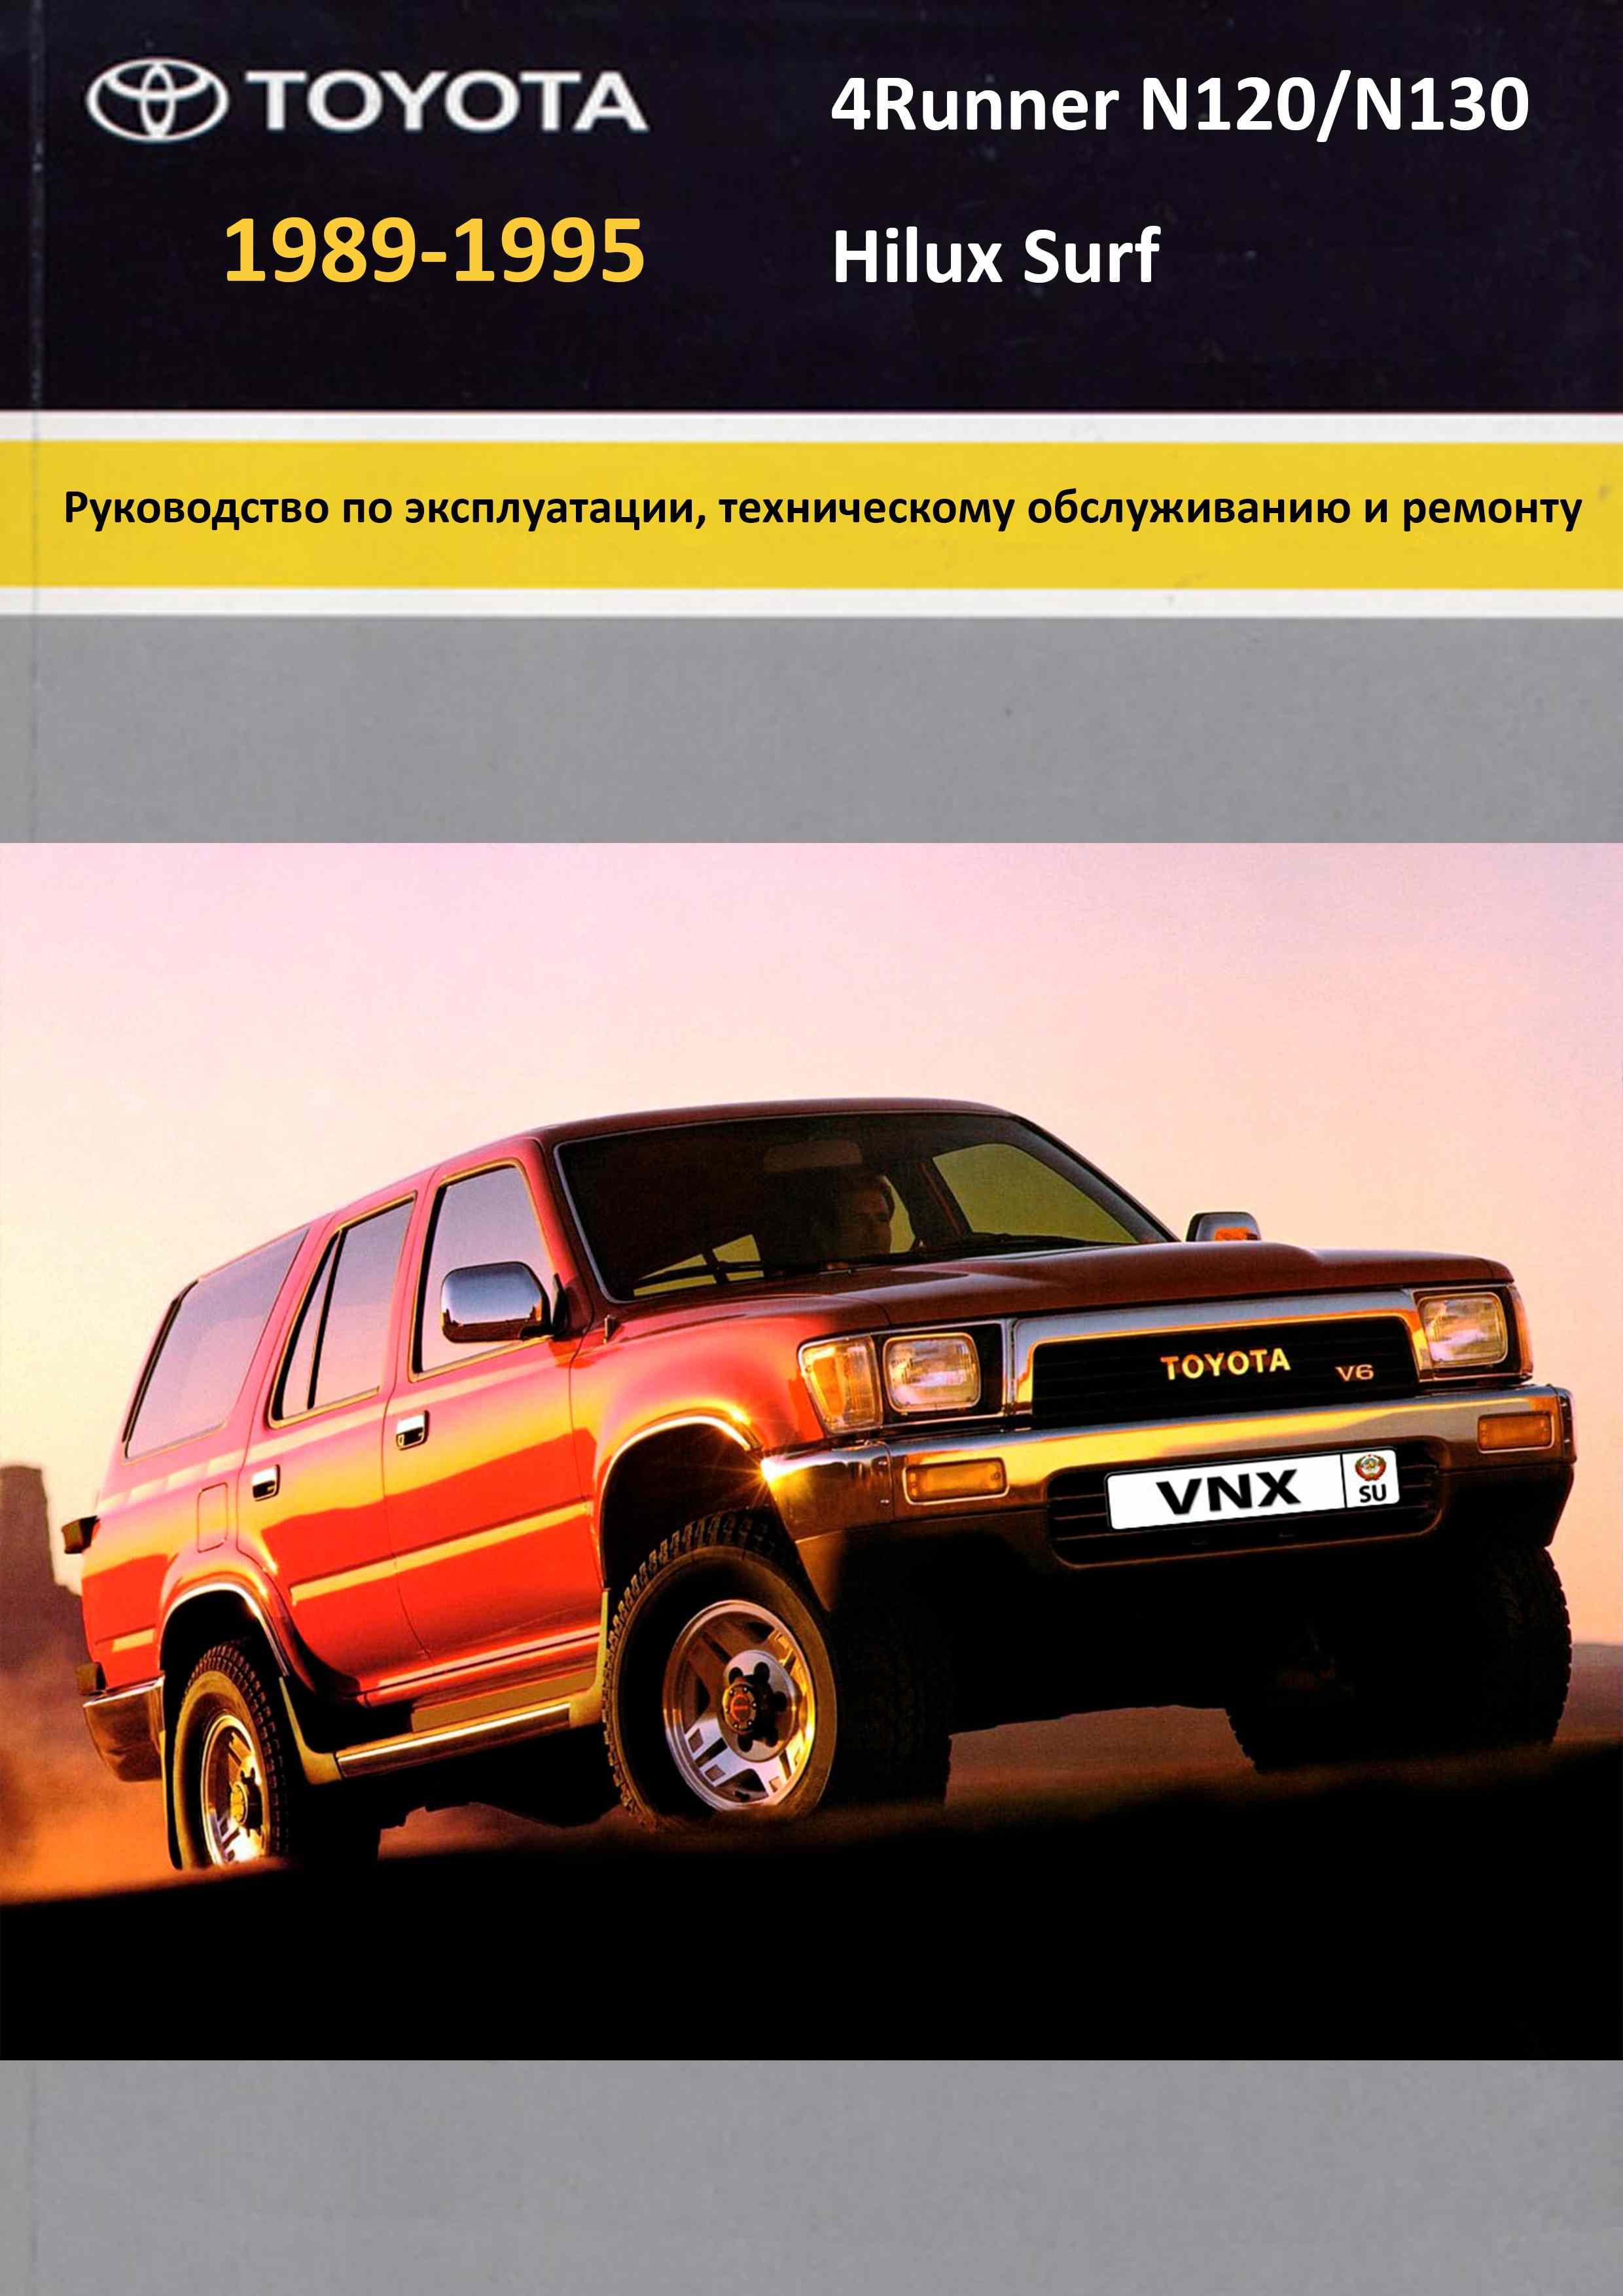 Toyota Hilux Surf, 4Runner дизель - устройство, техническое обслуживание и ремонт обложка